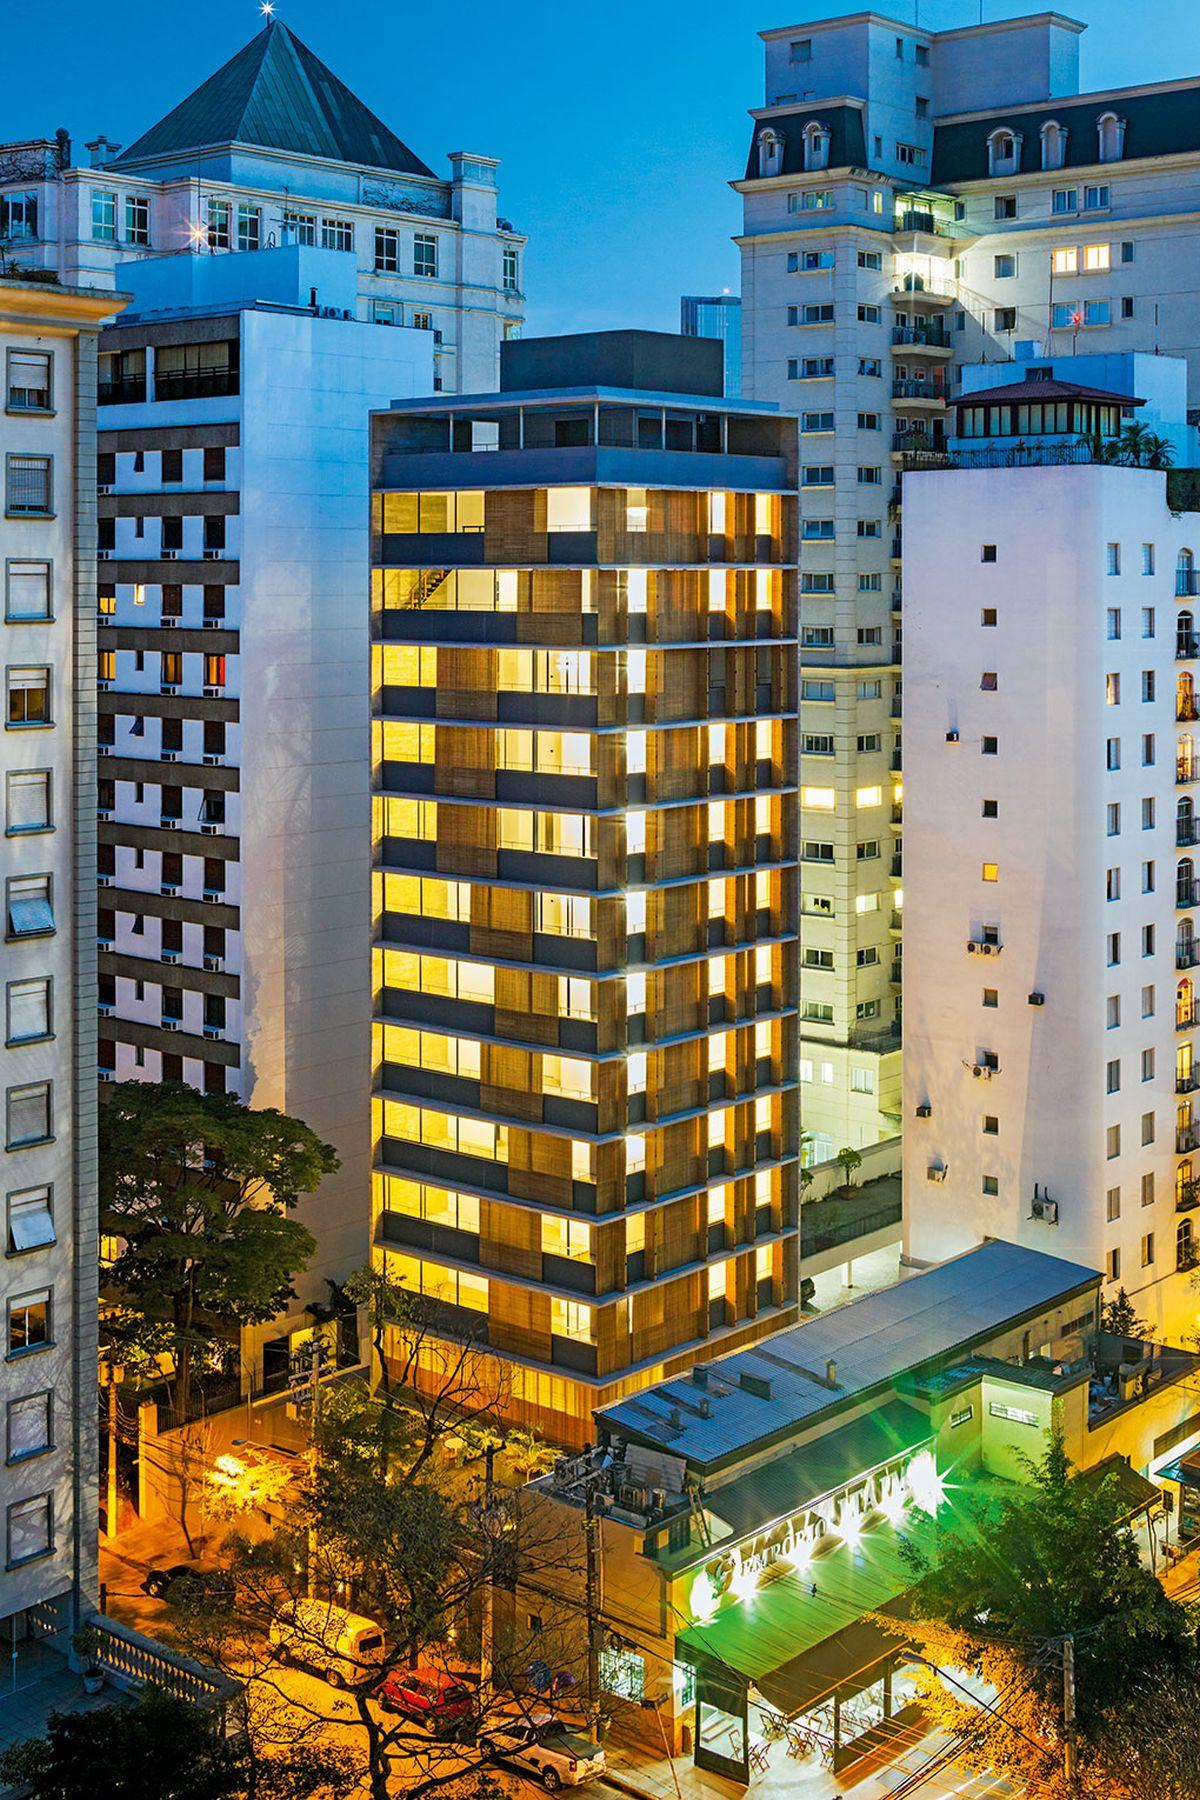 V_Itaim, Sao Paulo